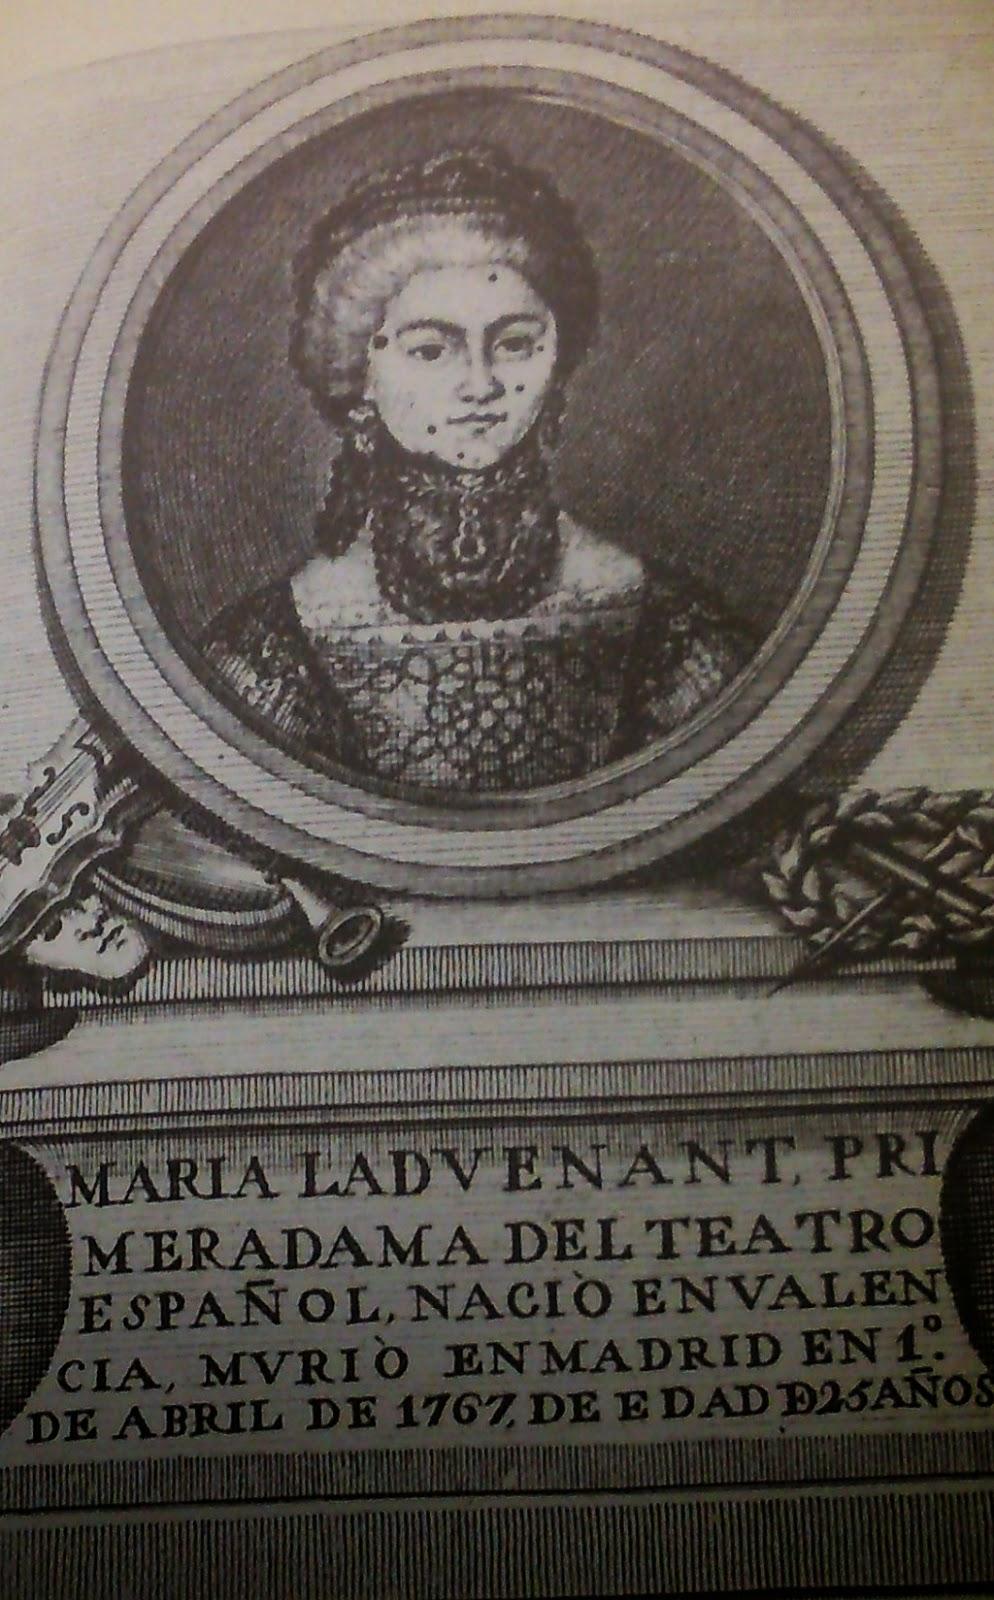 La actriz María Ladvenant y Quirante. Archivo Municipal de Madrid. S. XVIII